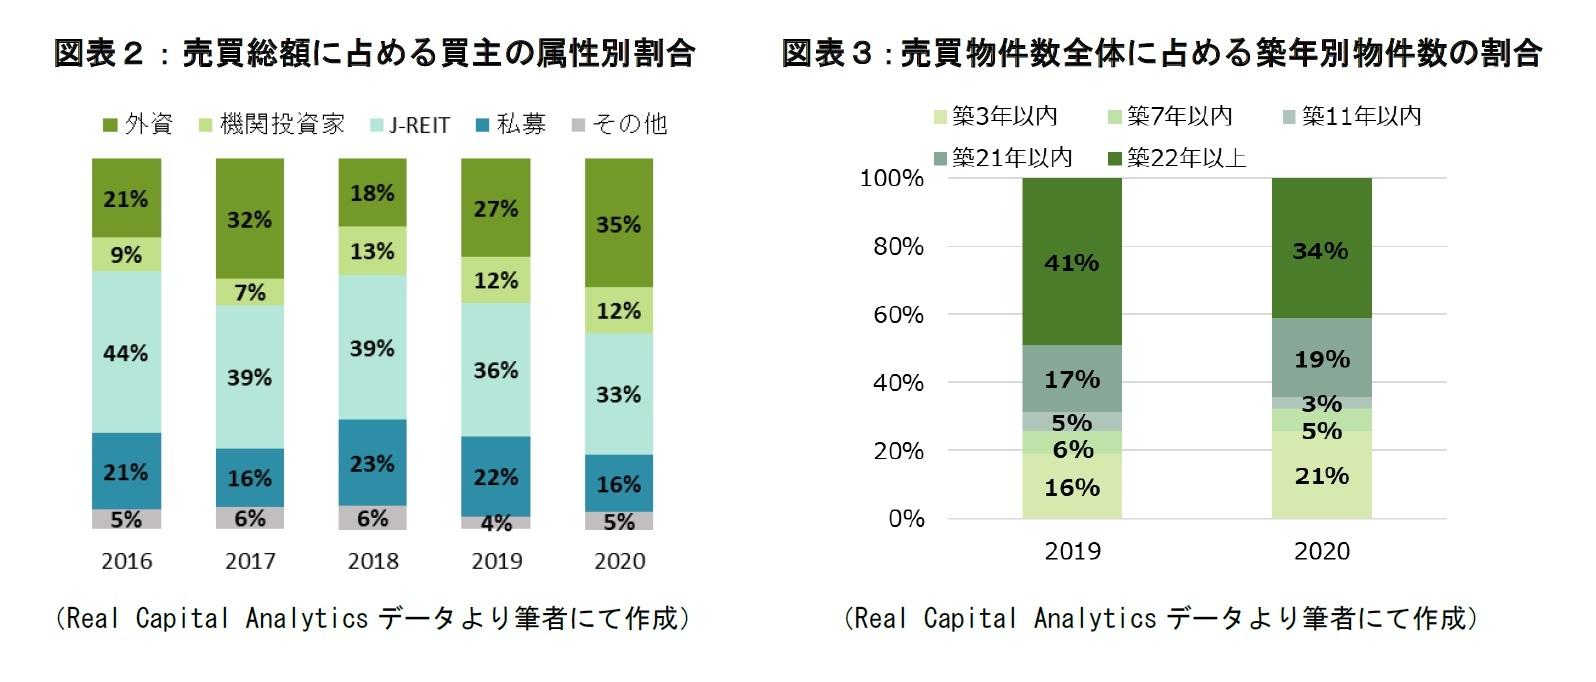 図表2,3:売買総額に占める買主の属性別割合、売買物件全体に占める築年別物件数の割合